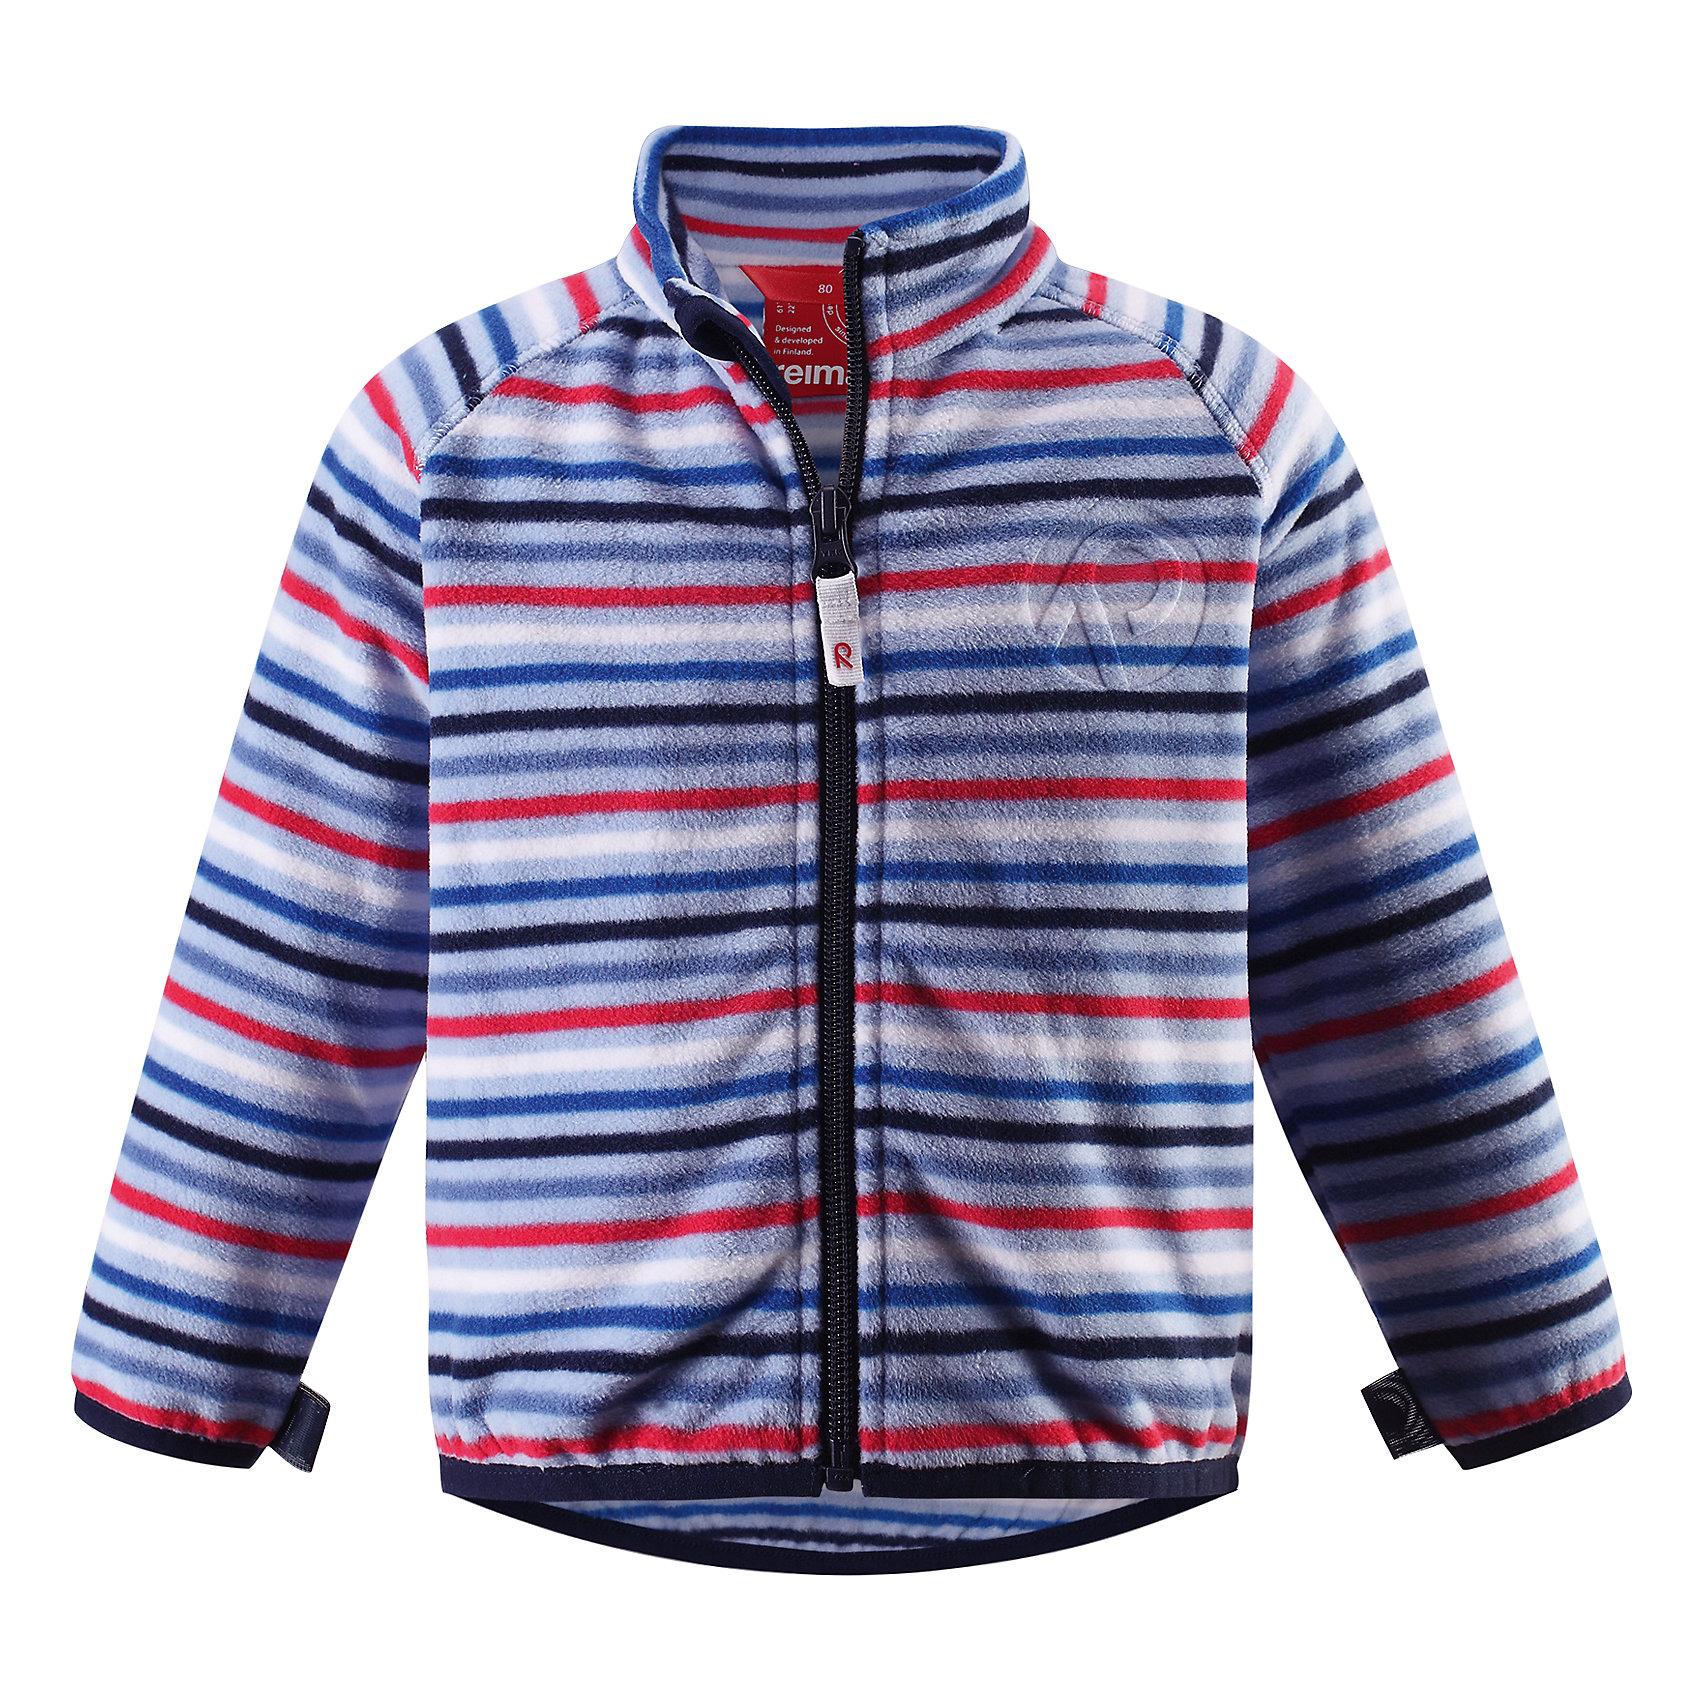 Куртка флисовая Nuoto ReimaОдежда<br>Характеристики товара:<br><br>• цвет: голубой<br>• состав: 100% полиэстер, флис<br>• тёплый, лёгкий и быстросохнущий полярный флис<br>• пристёгивается к верхней одежде Reima с помощью системы кнопок Play Layers<br>• эластичные манжеты и подол<br>• молния во всю длину со вставкой для защиты подбородка<br>• модель с горячим тиснением<br>• комфортная посадка<br>• страна производства: Китай<br>• страна бренда: Финляндия<br>• коллекция: весна-лето 2017<br><br>Одежда для детей может быть модной и комфортной одновременно! Удобная курточка поможет обеспечить ребенку комфорт и тепло. Изделие сшито из флиса - мягкого и теплого материала, приятного на ощупь. Модель стильно смотрится, отлично сочетается с различным низом. Стильный дизайн разрабатывался специально для детей.<br><br>Одежда и обувь от финского бренда Reima пользуется популярностью во многих странах. Эти изделия стильные, качественные и удобные. Для производства продукции используются только безопасные, проверенные материалы и фурнитура. Порадуйте ребенка модными и красивыми вещами от Reima! <br><br>Куртку флисовую для мальчика от финского бренда Reima (Рейма) можно купить в нашем интернет-магазине.<br><br>Ширина мм: 356<br>Глубина мм: 10<br>Высота мм: 245<br>Вес г: 519<br>Цвет: синий<br>Возраст от месяцев: 24<br>Возраст до месяцев: 36<br>Пол: Унисекс<br>Возраст: Детский<br>Размер: 98,74,92,80,86<br>SKU: 5271277